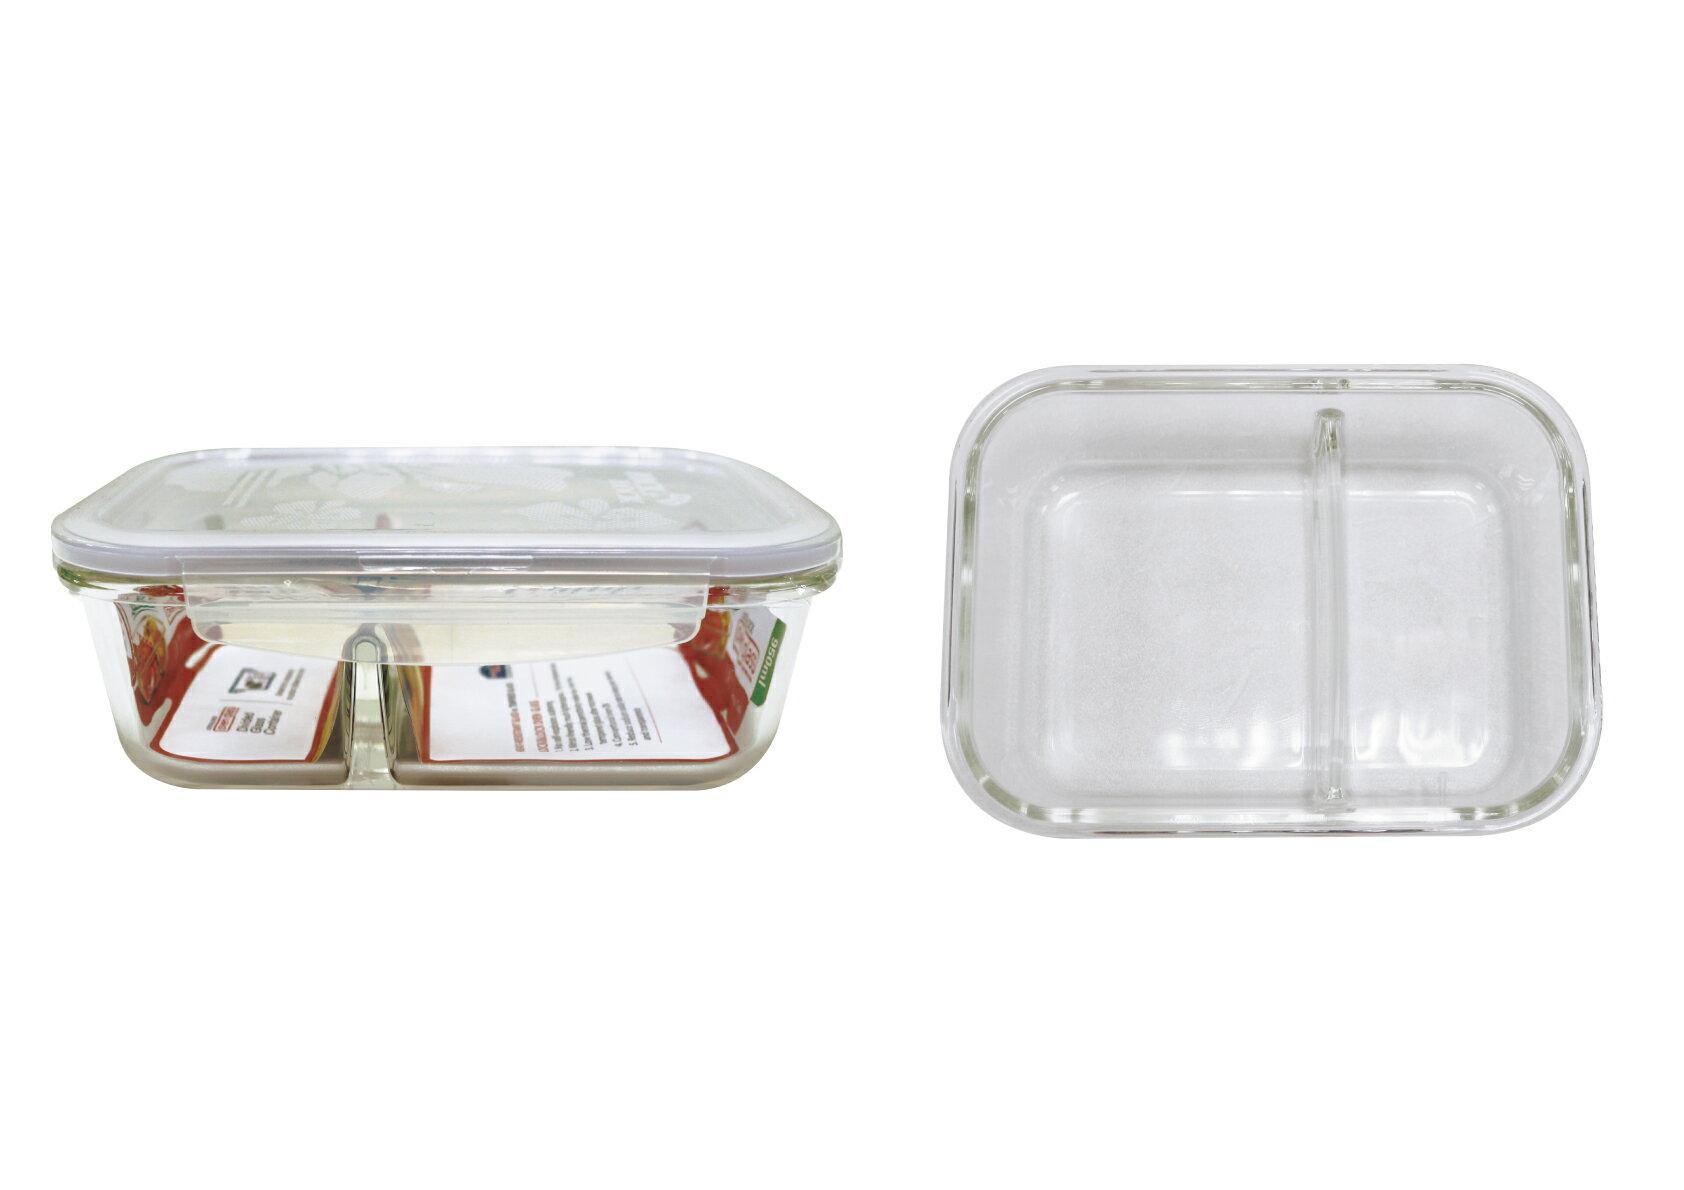 🌟現貨🌟樂扣樂扣耐熱分隔玻璃保鮮盒長方形320ML LLG422D 樂扣玻璃保鮮盒 樂扣分隔耐熱玻璃保鮮盒 另售LLG445D